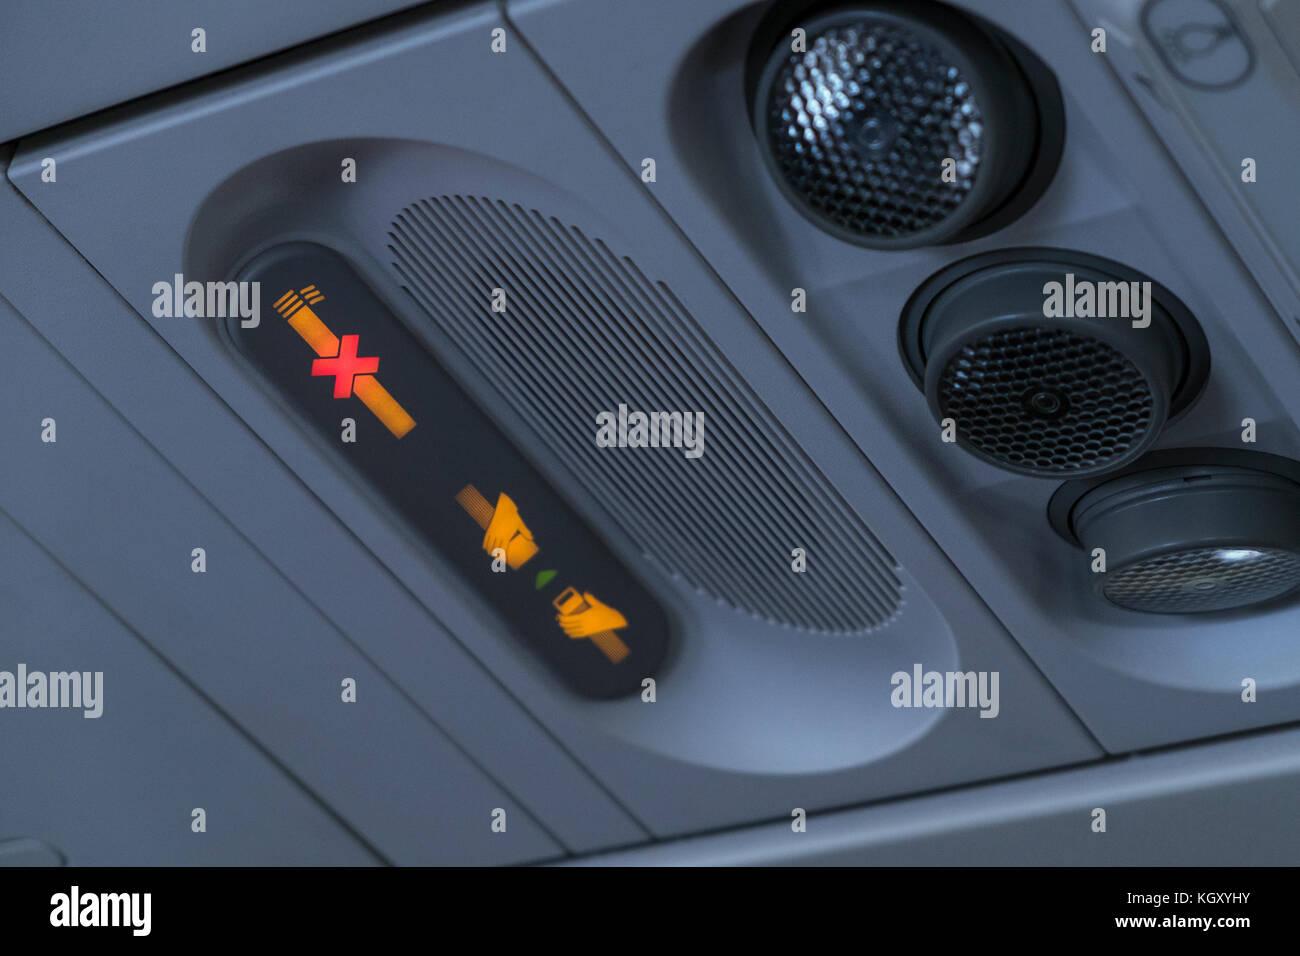 No fumar y abrocharse el cinturón encendido símbolos en la parte superior de la pantalla por encima de asientos Foto de stock